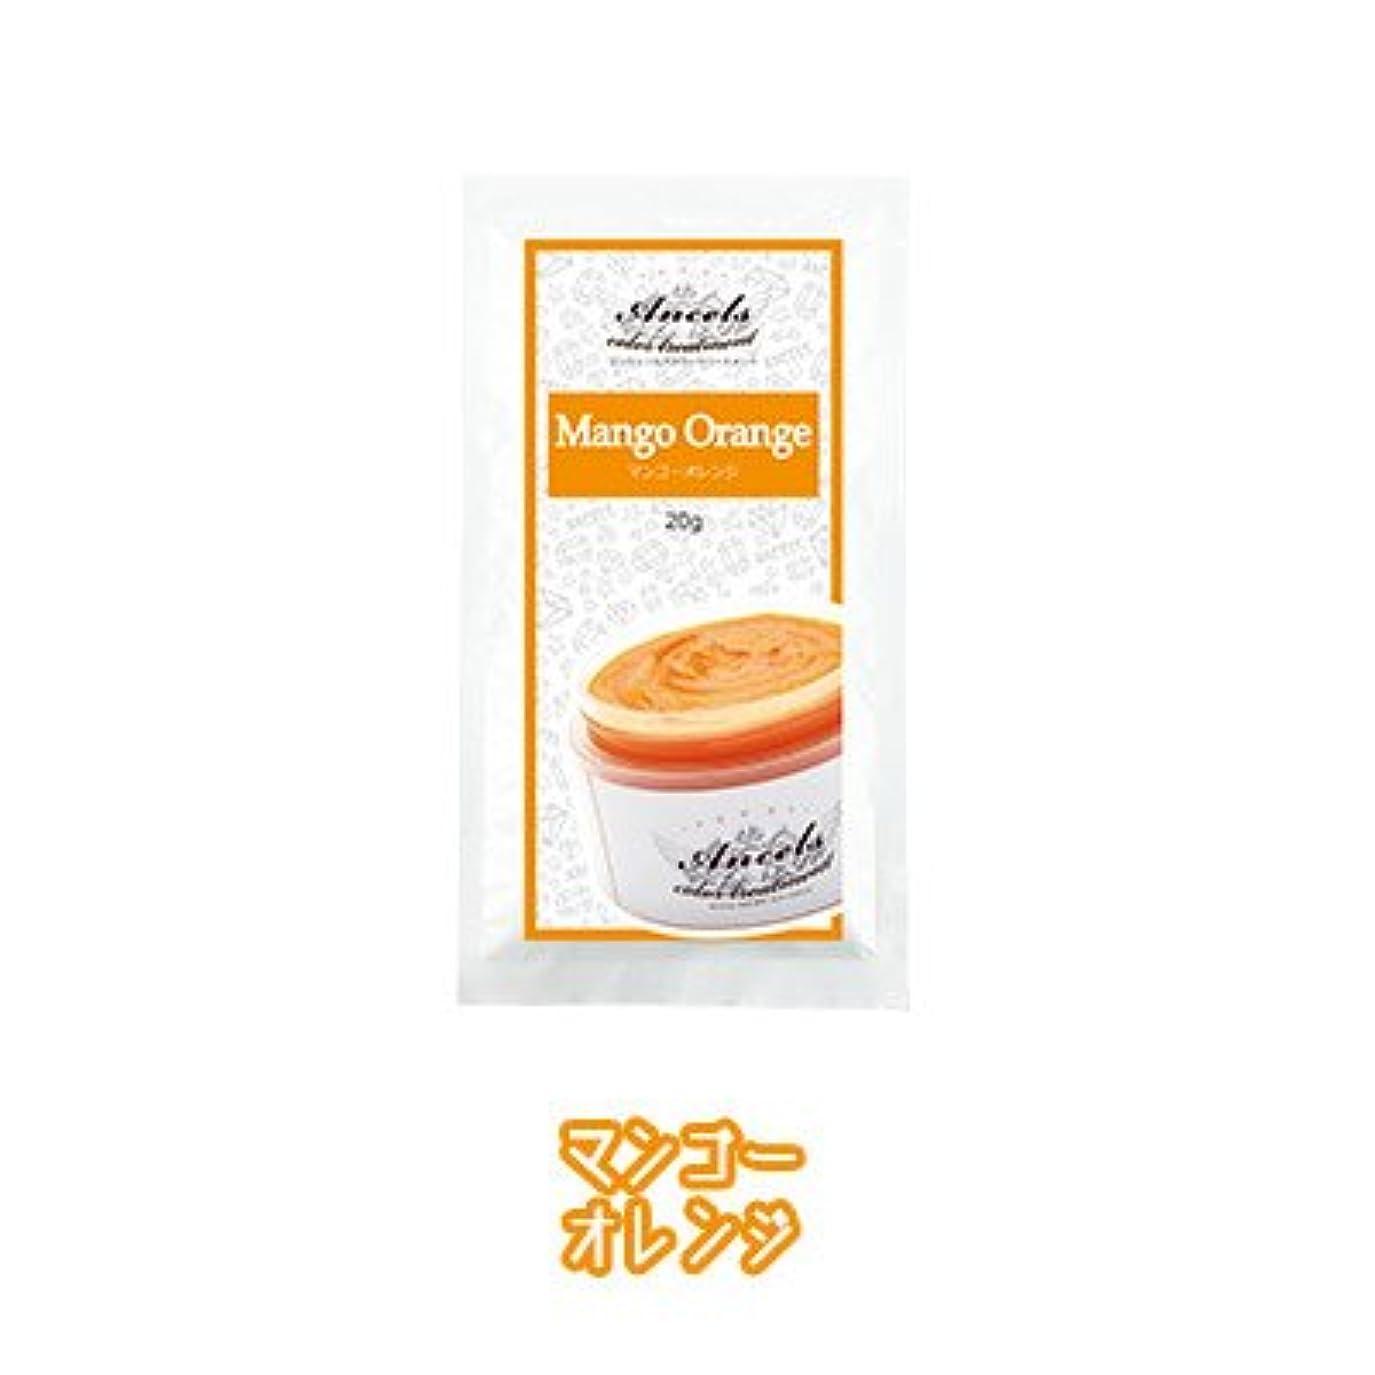 居眠りする却下する変更エンシェールズ カラートリートメントバター プチ(お試しサイズ) マンゴーオレンジ 20g